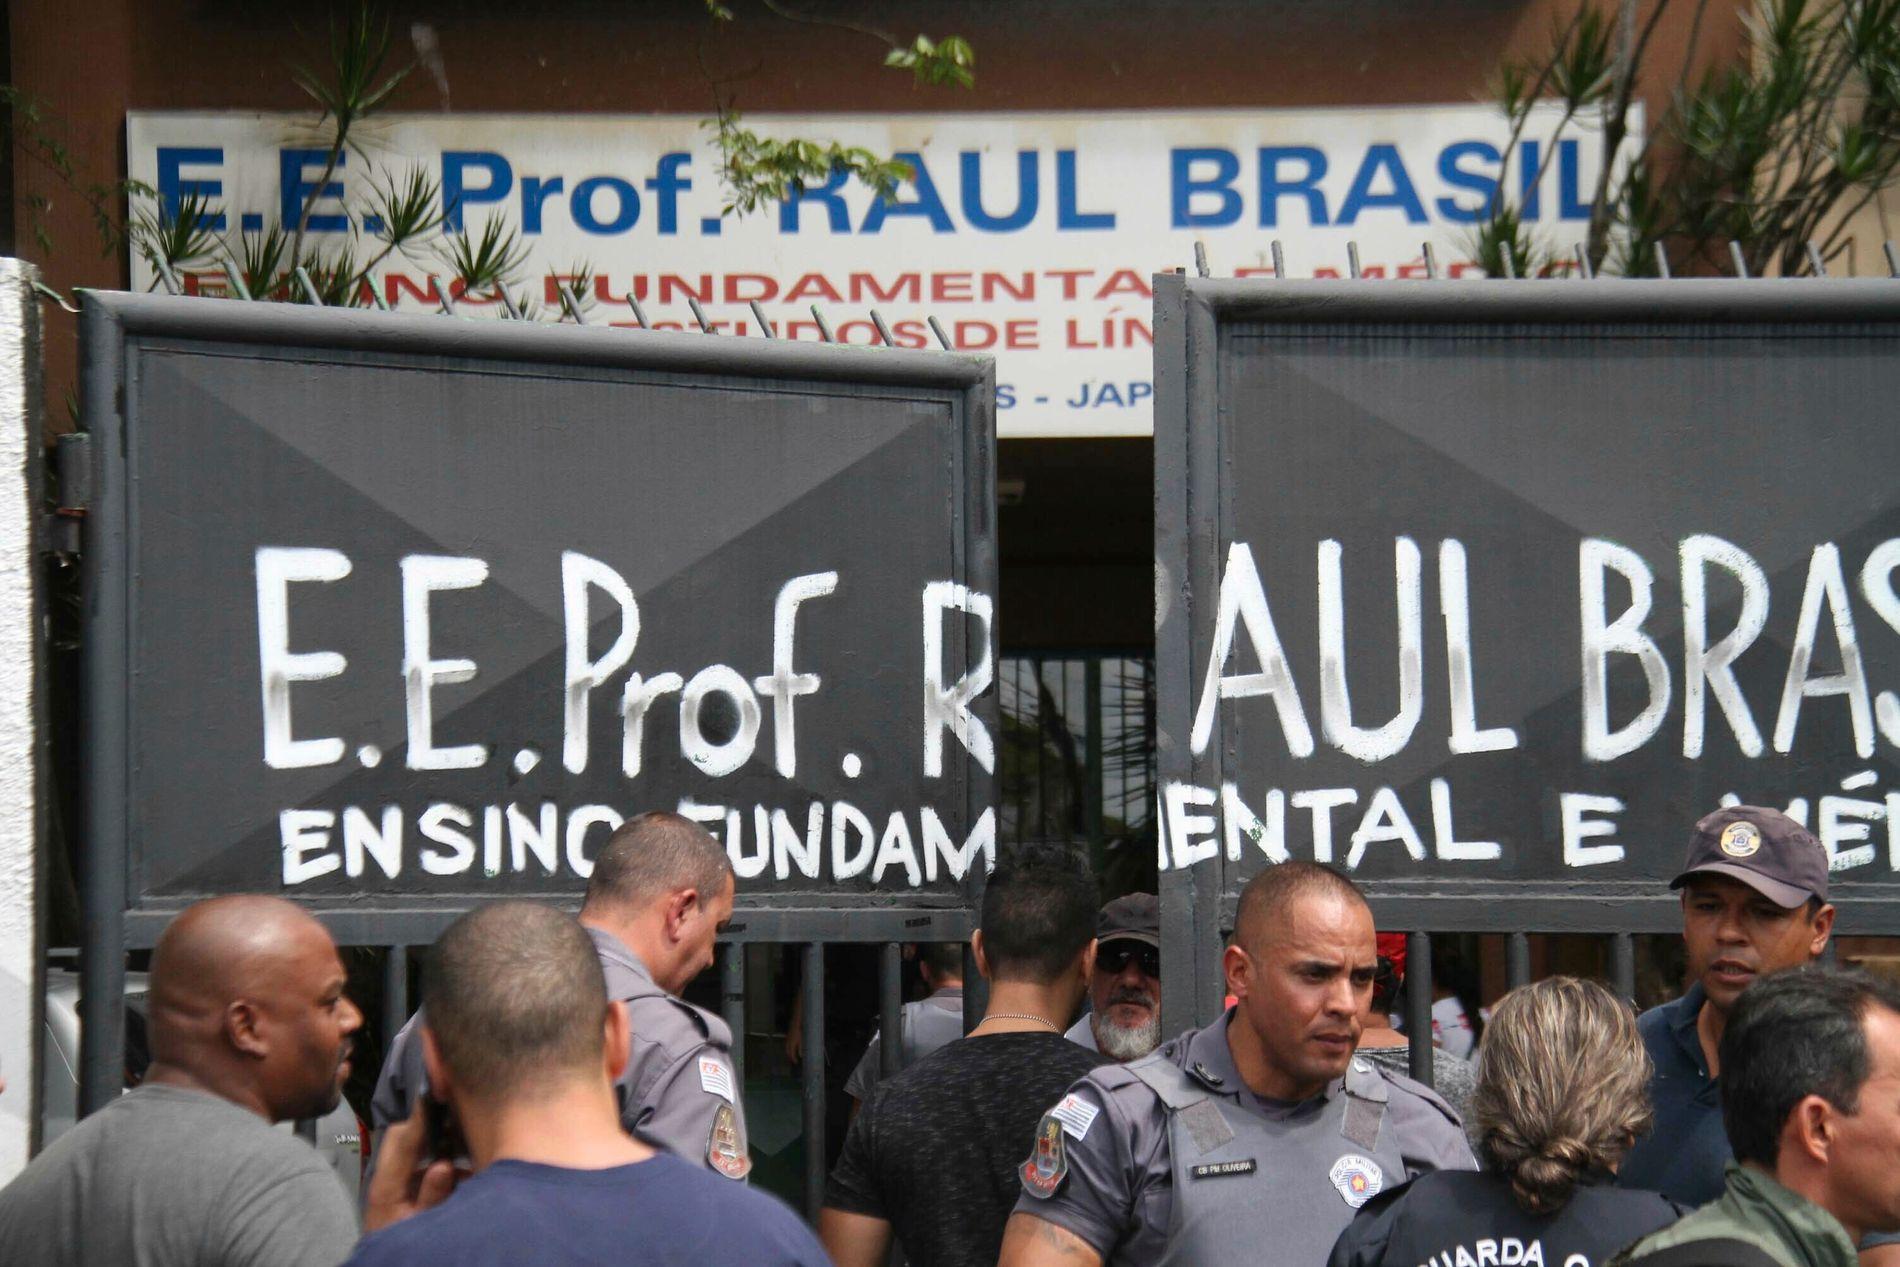 Politi holder vakt ved inngangen til skolen Raul Brasil i Suzano i São Paulo. Foto: Mauricio Sumiya / Futura Press via AP / NTB scanpix